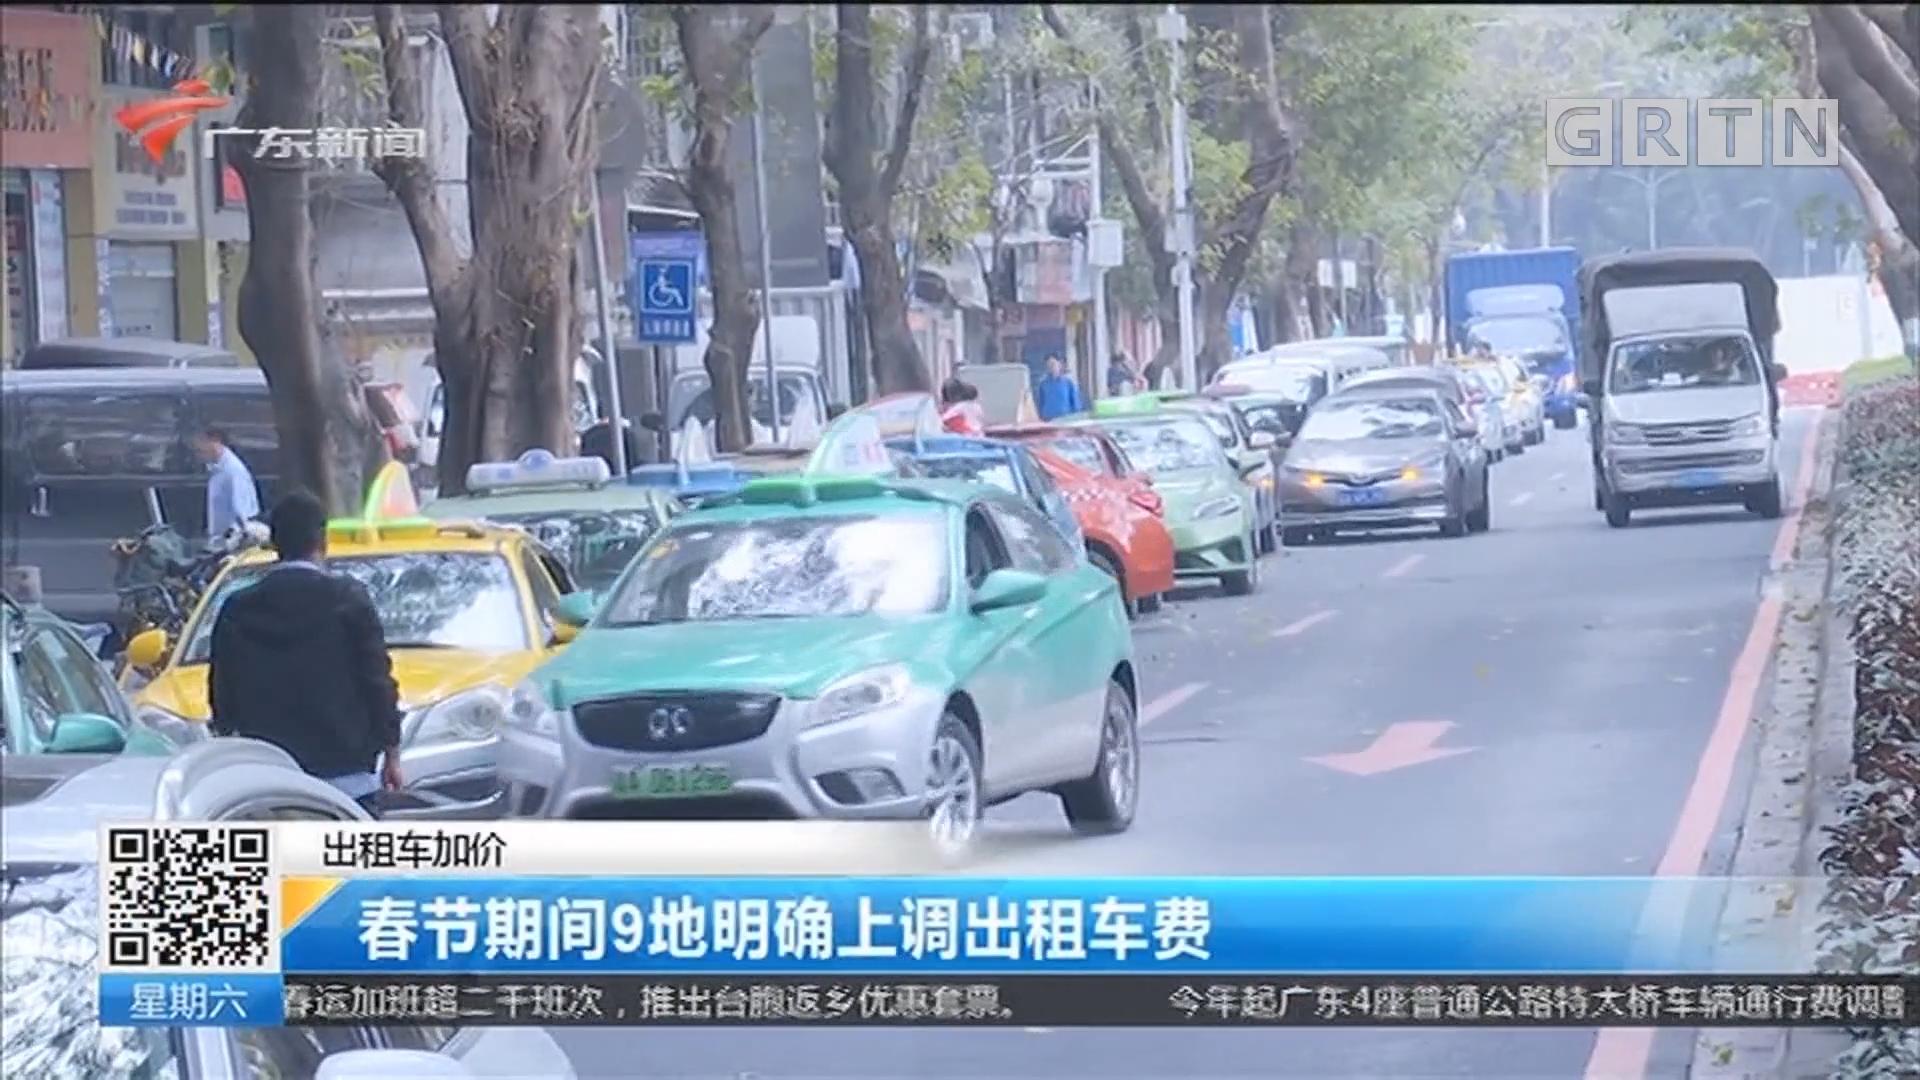 出租车加价:春节期间9地明确上调出租车费